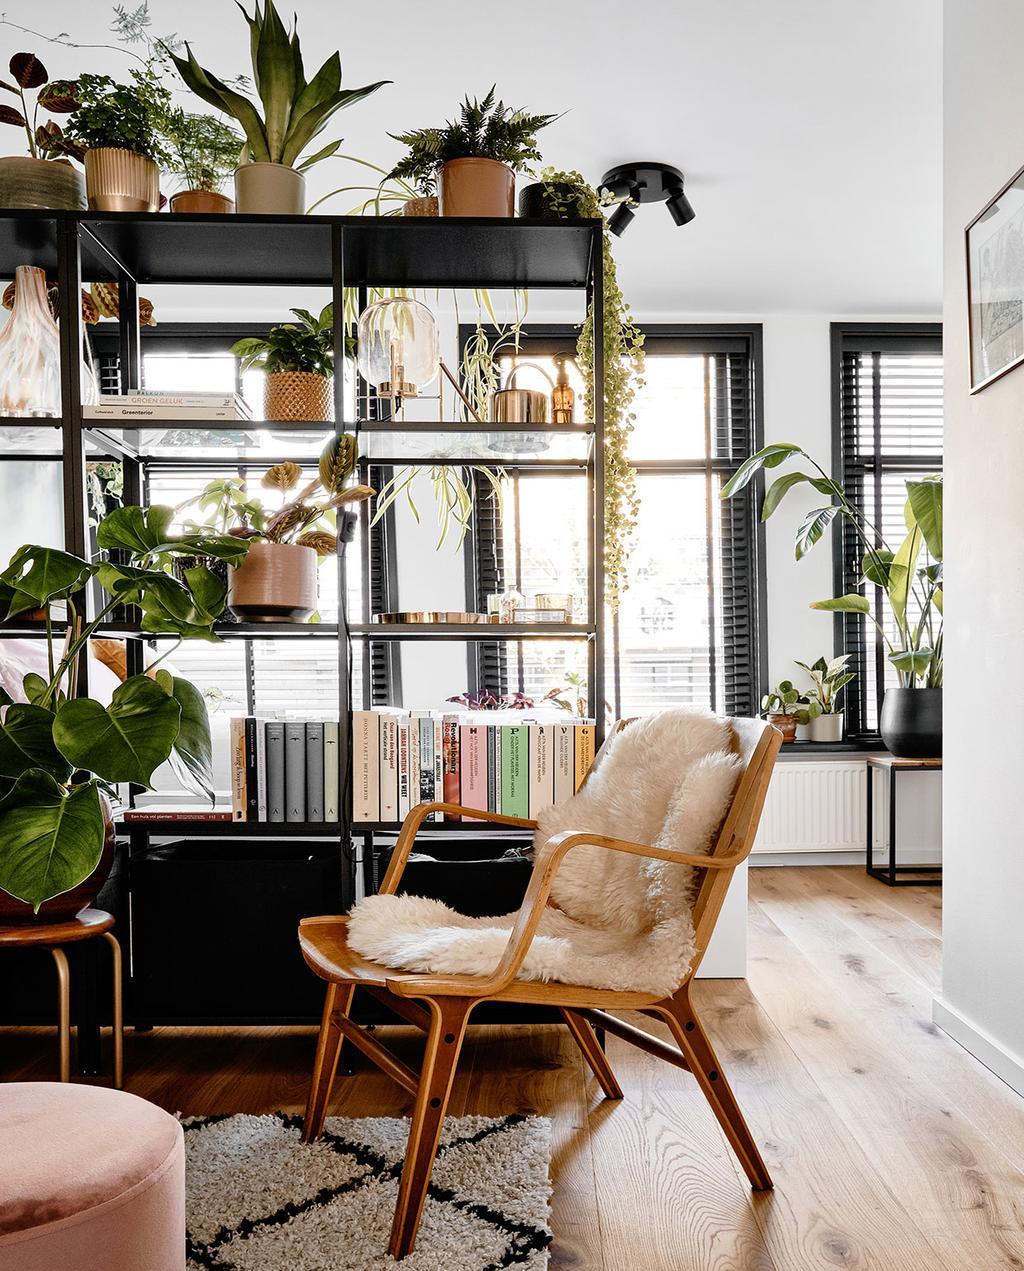 vtwonen 02-2021 | wandkast in studio met planten en stoel